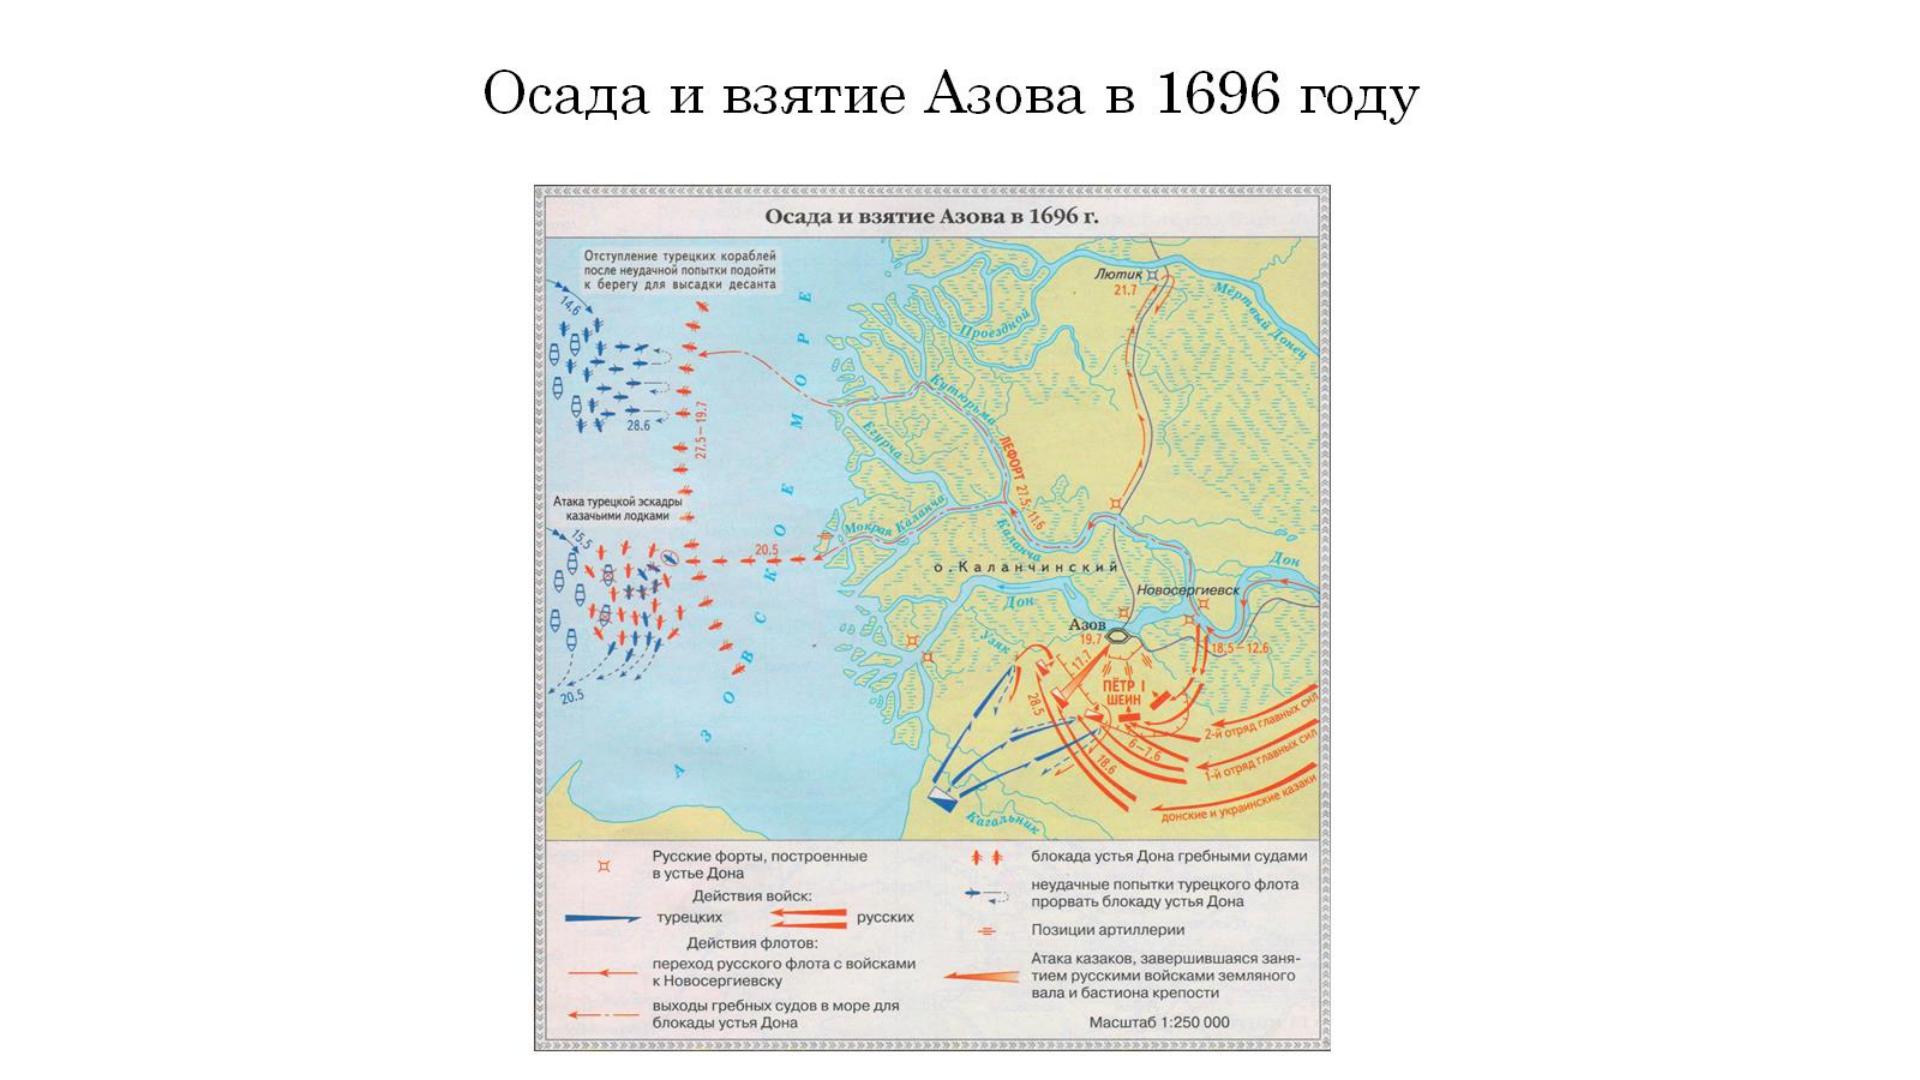 Осада и взятие Азова в 1696 году